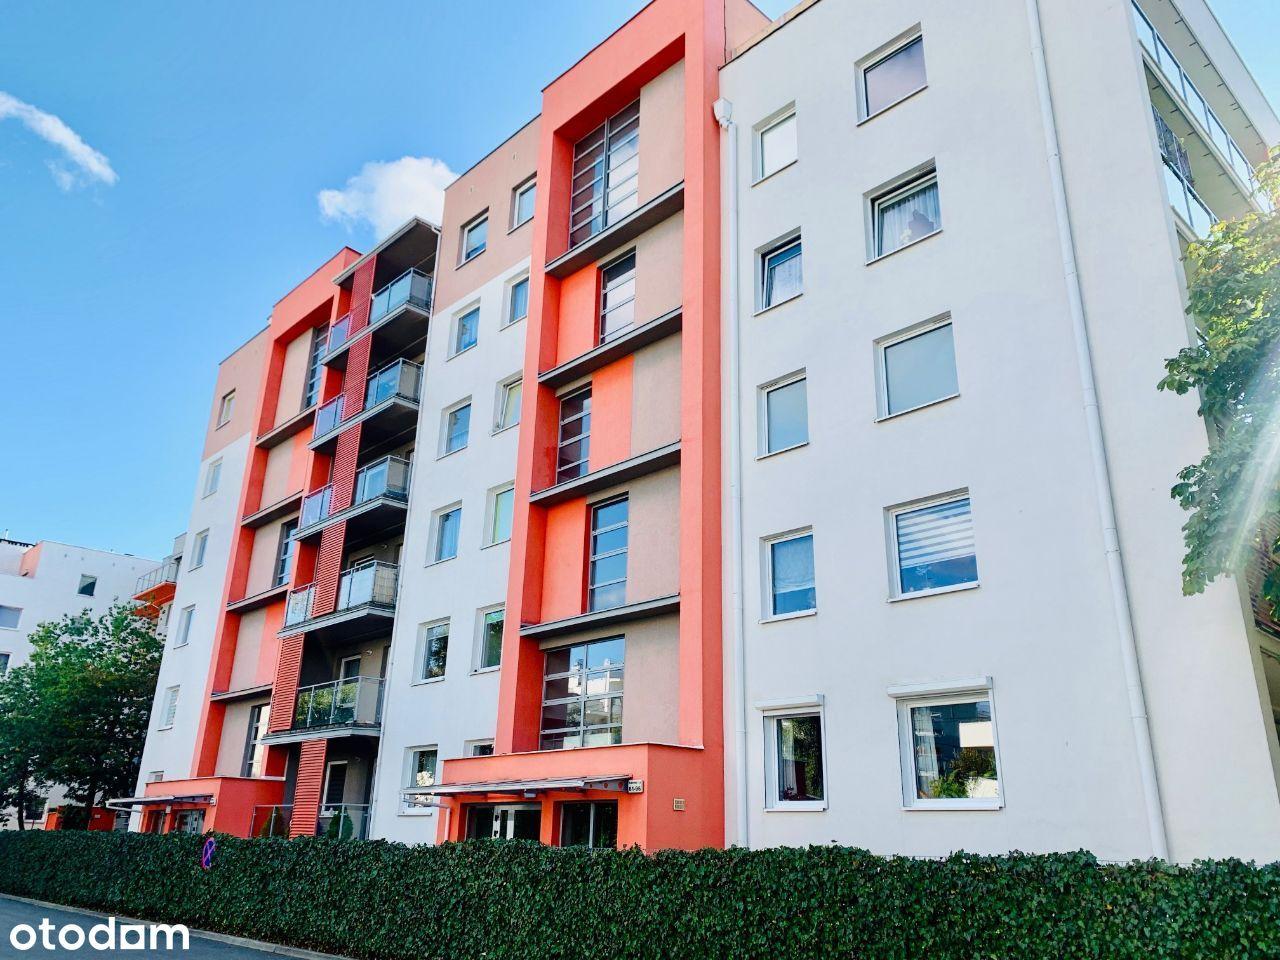 Mieszkanie 2 pokoje, wielki taras,Glinki,nowy blok